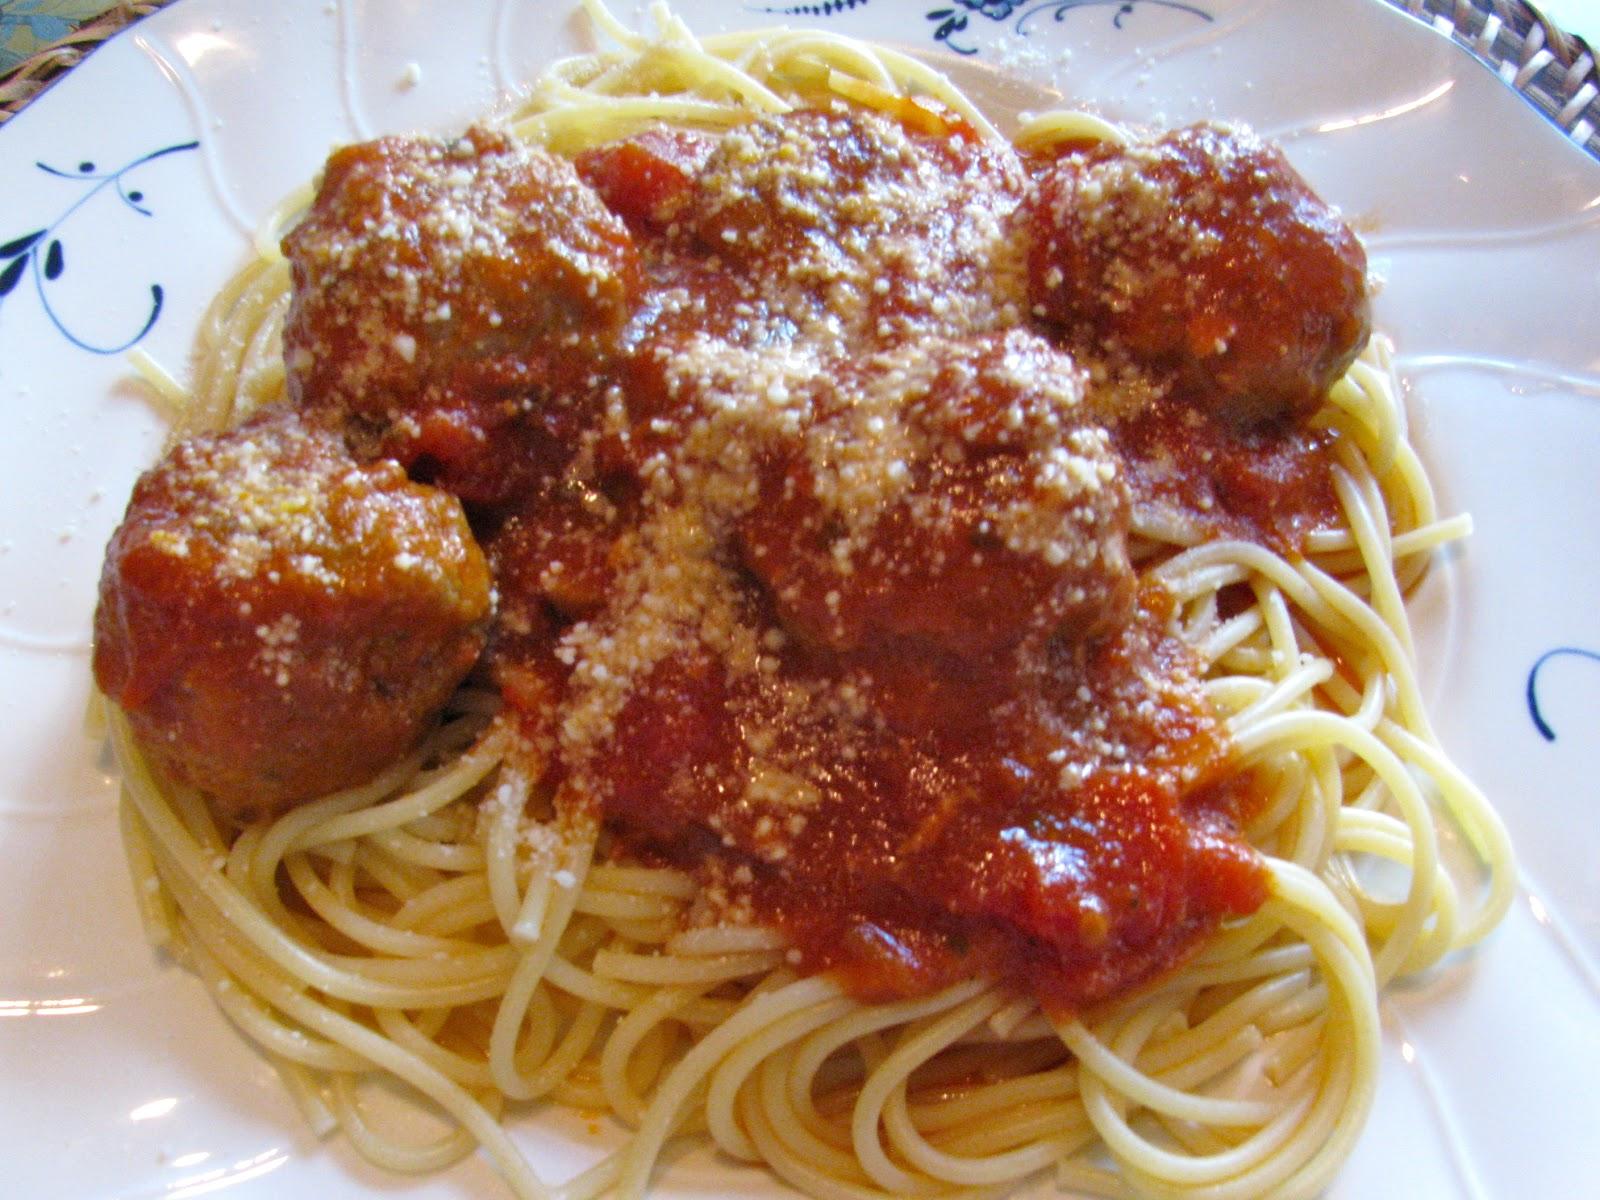 Rita's Recipes: Turkey Meatballs and Spaghetti